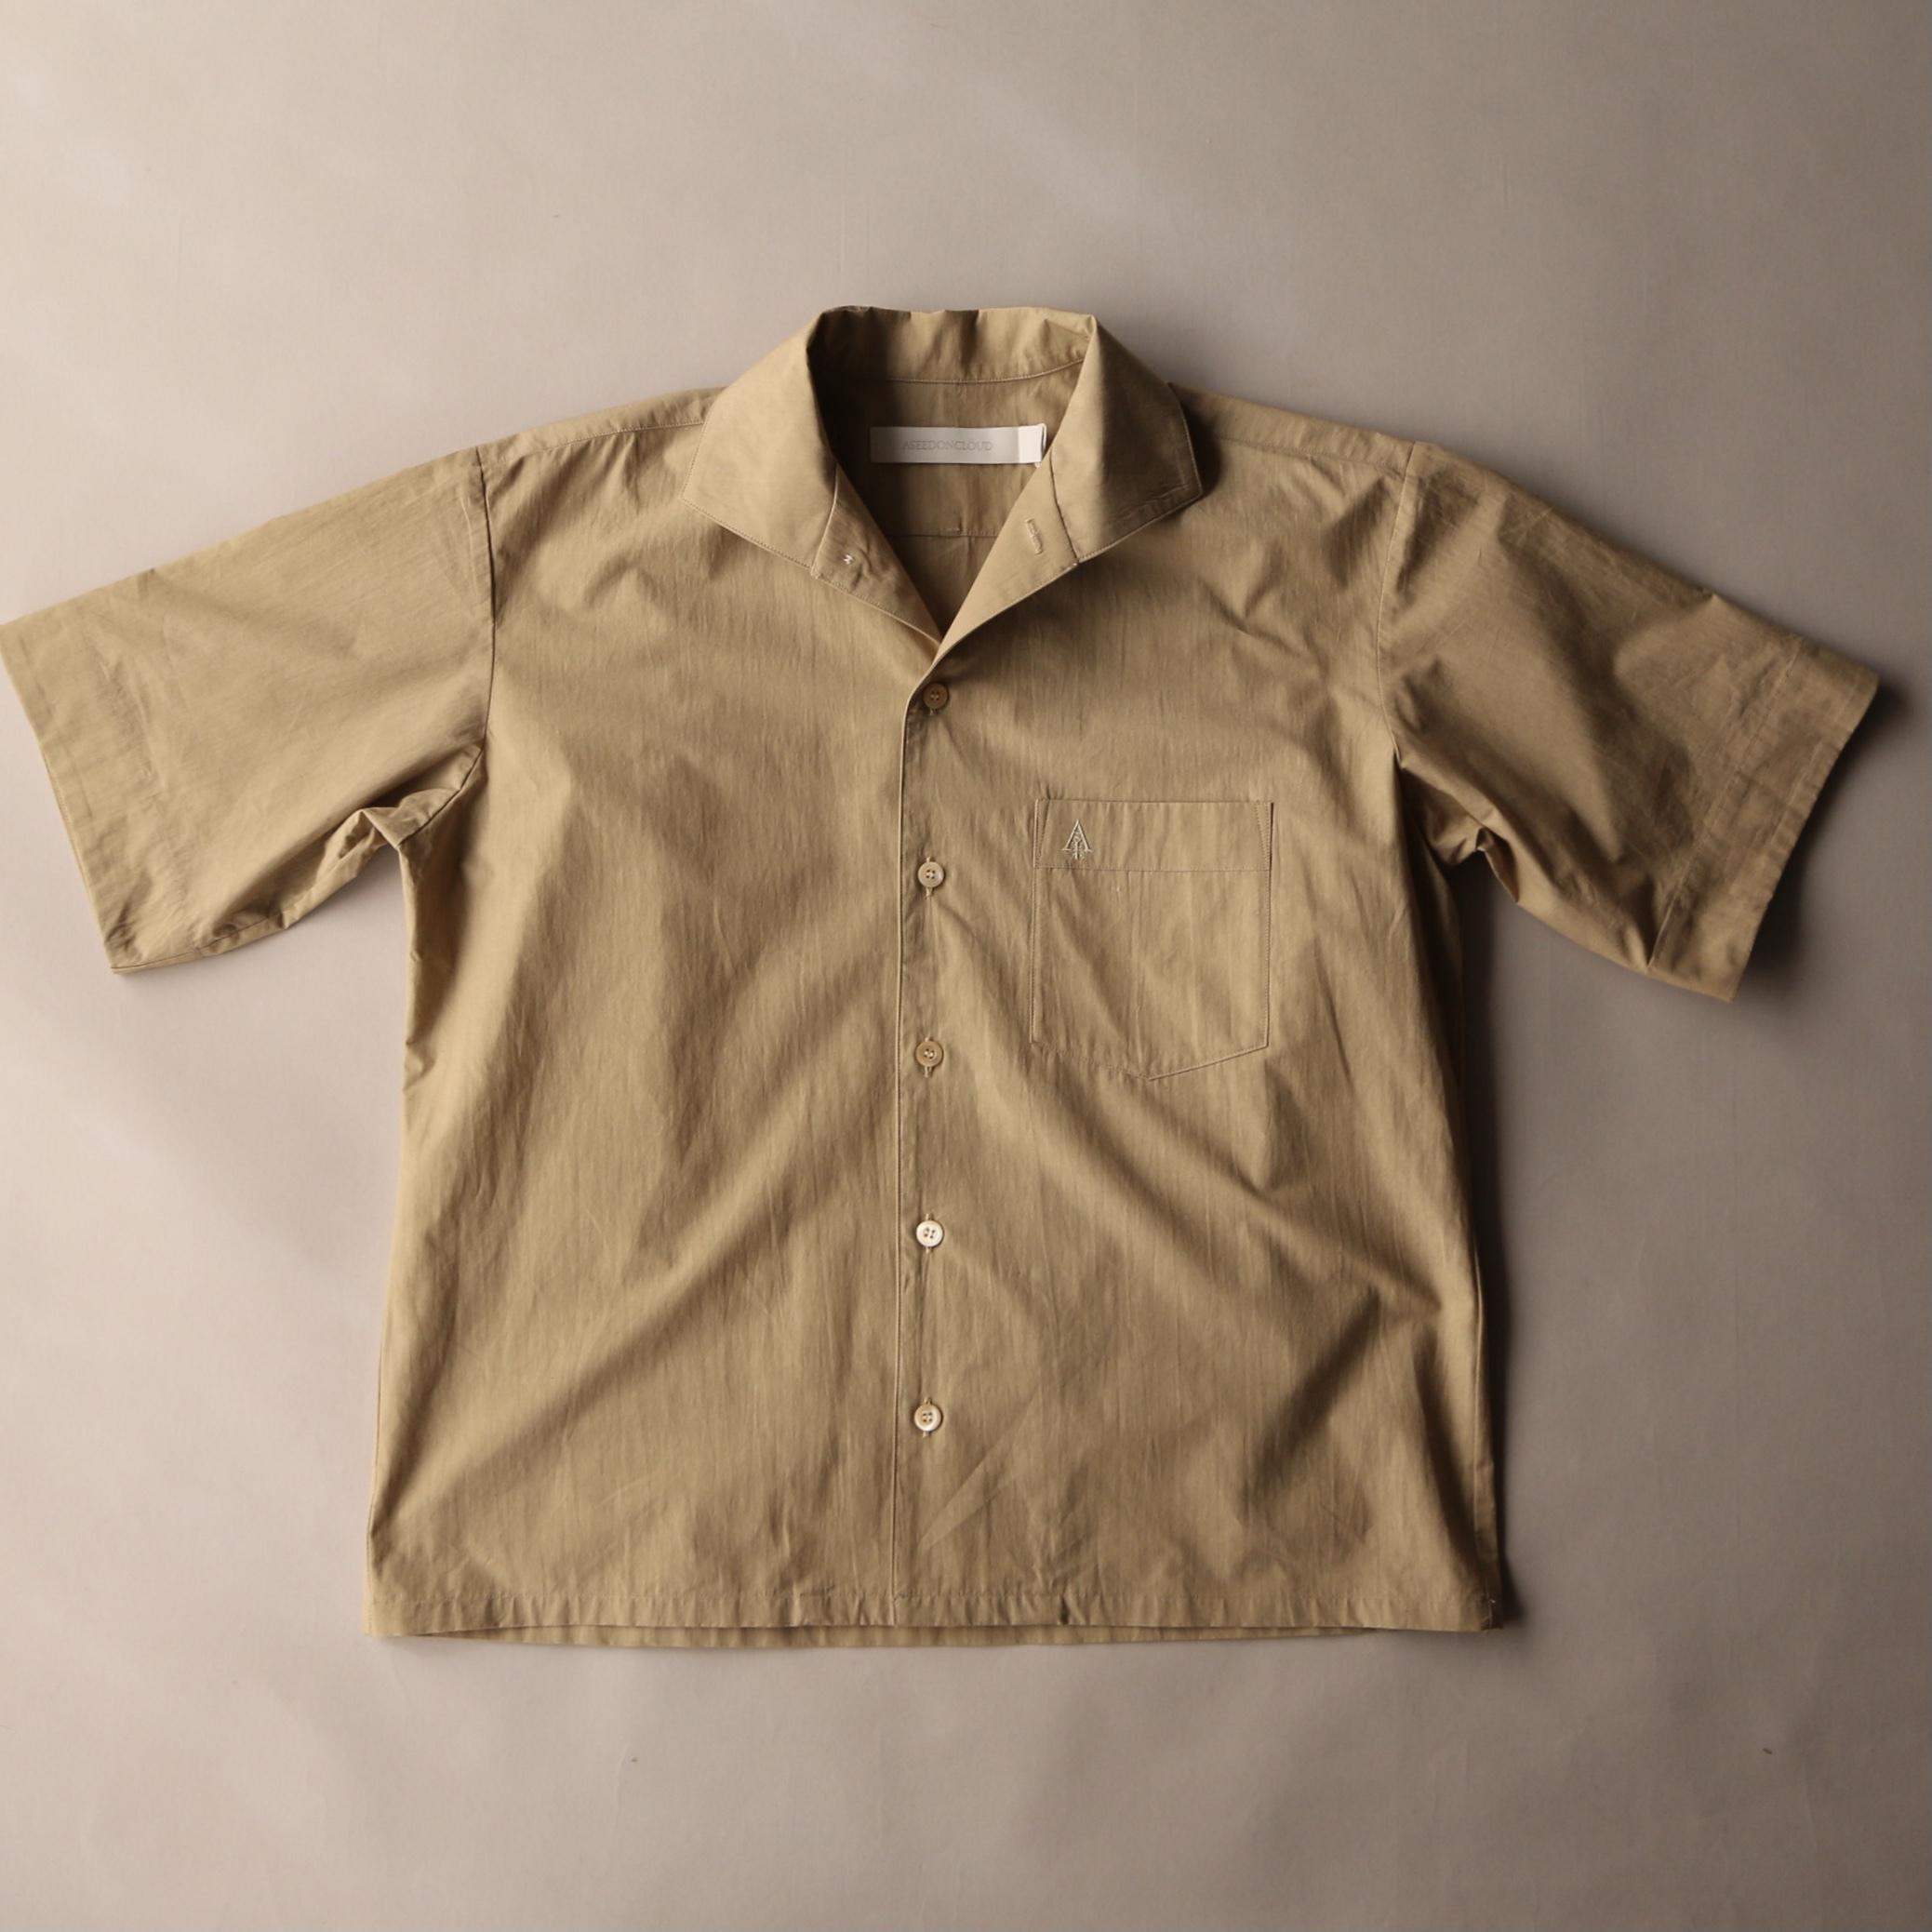 ASEEDONCLOUD アシードンクラウド Sakurashi blouse Beige Camouflage cloth #211609